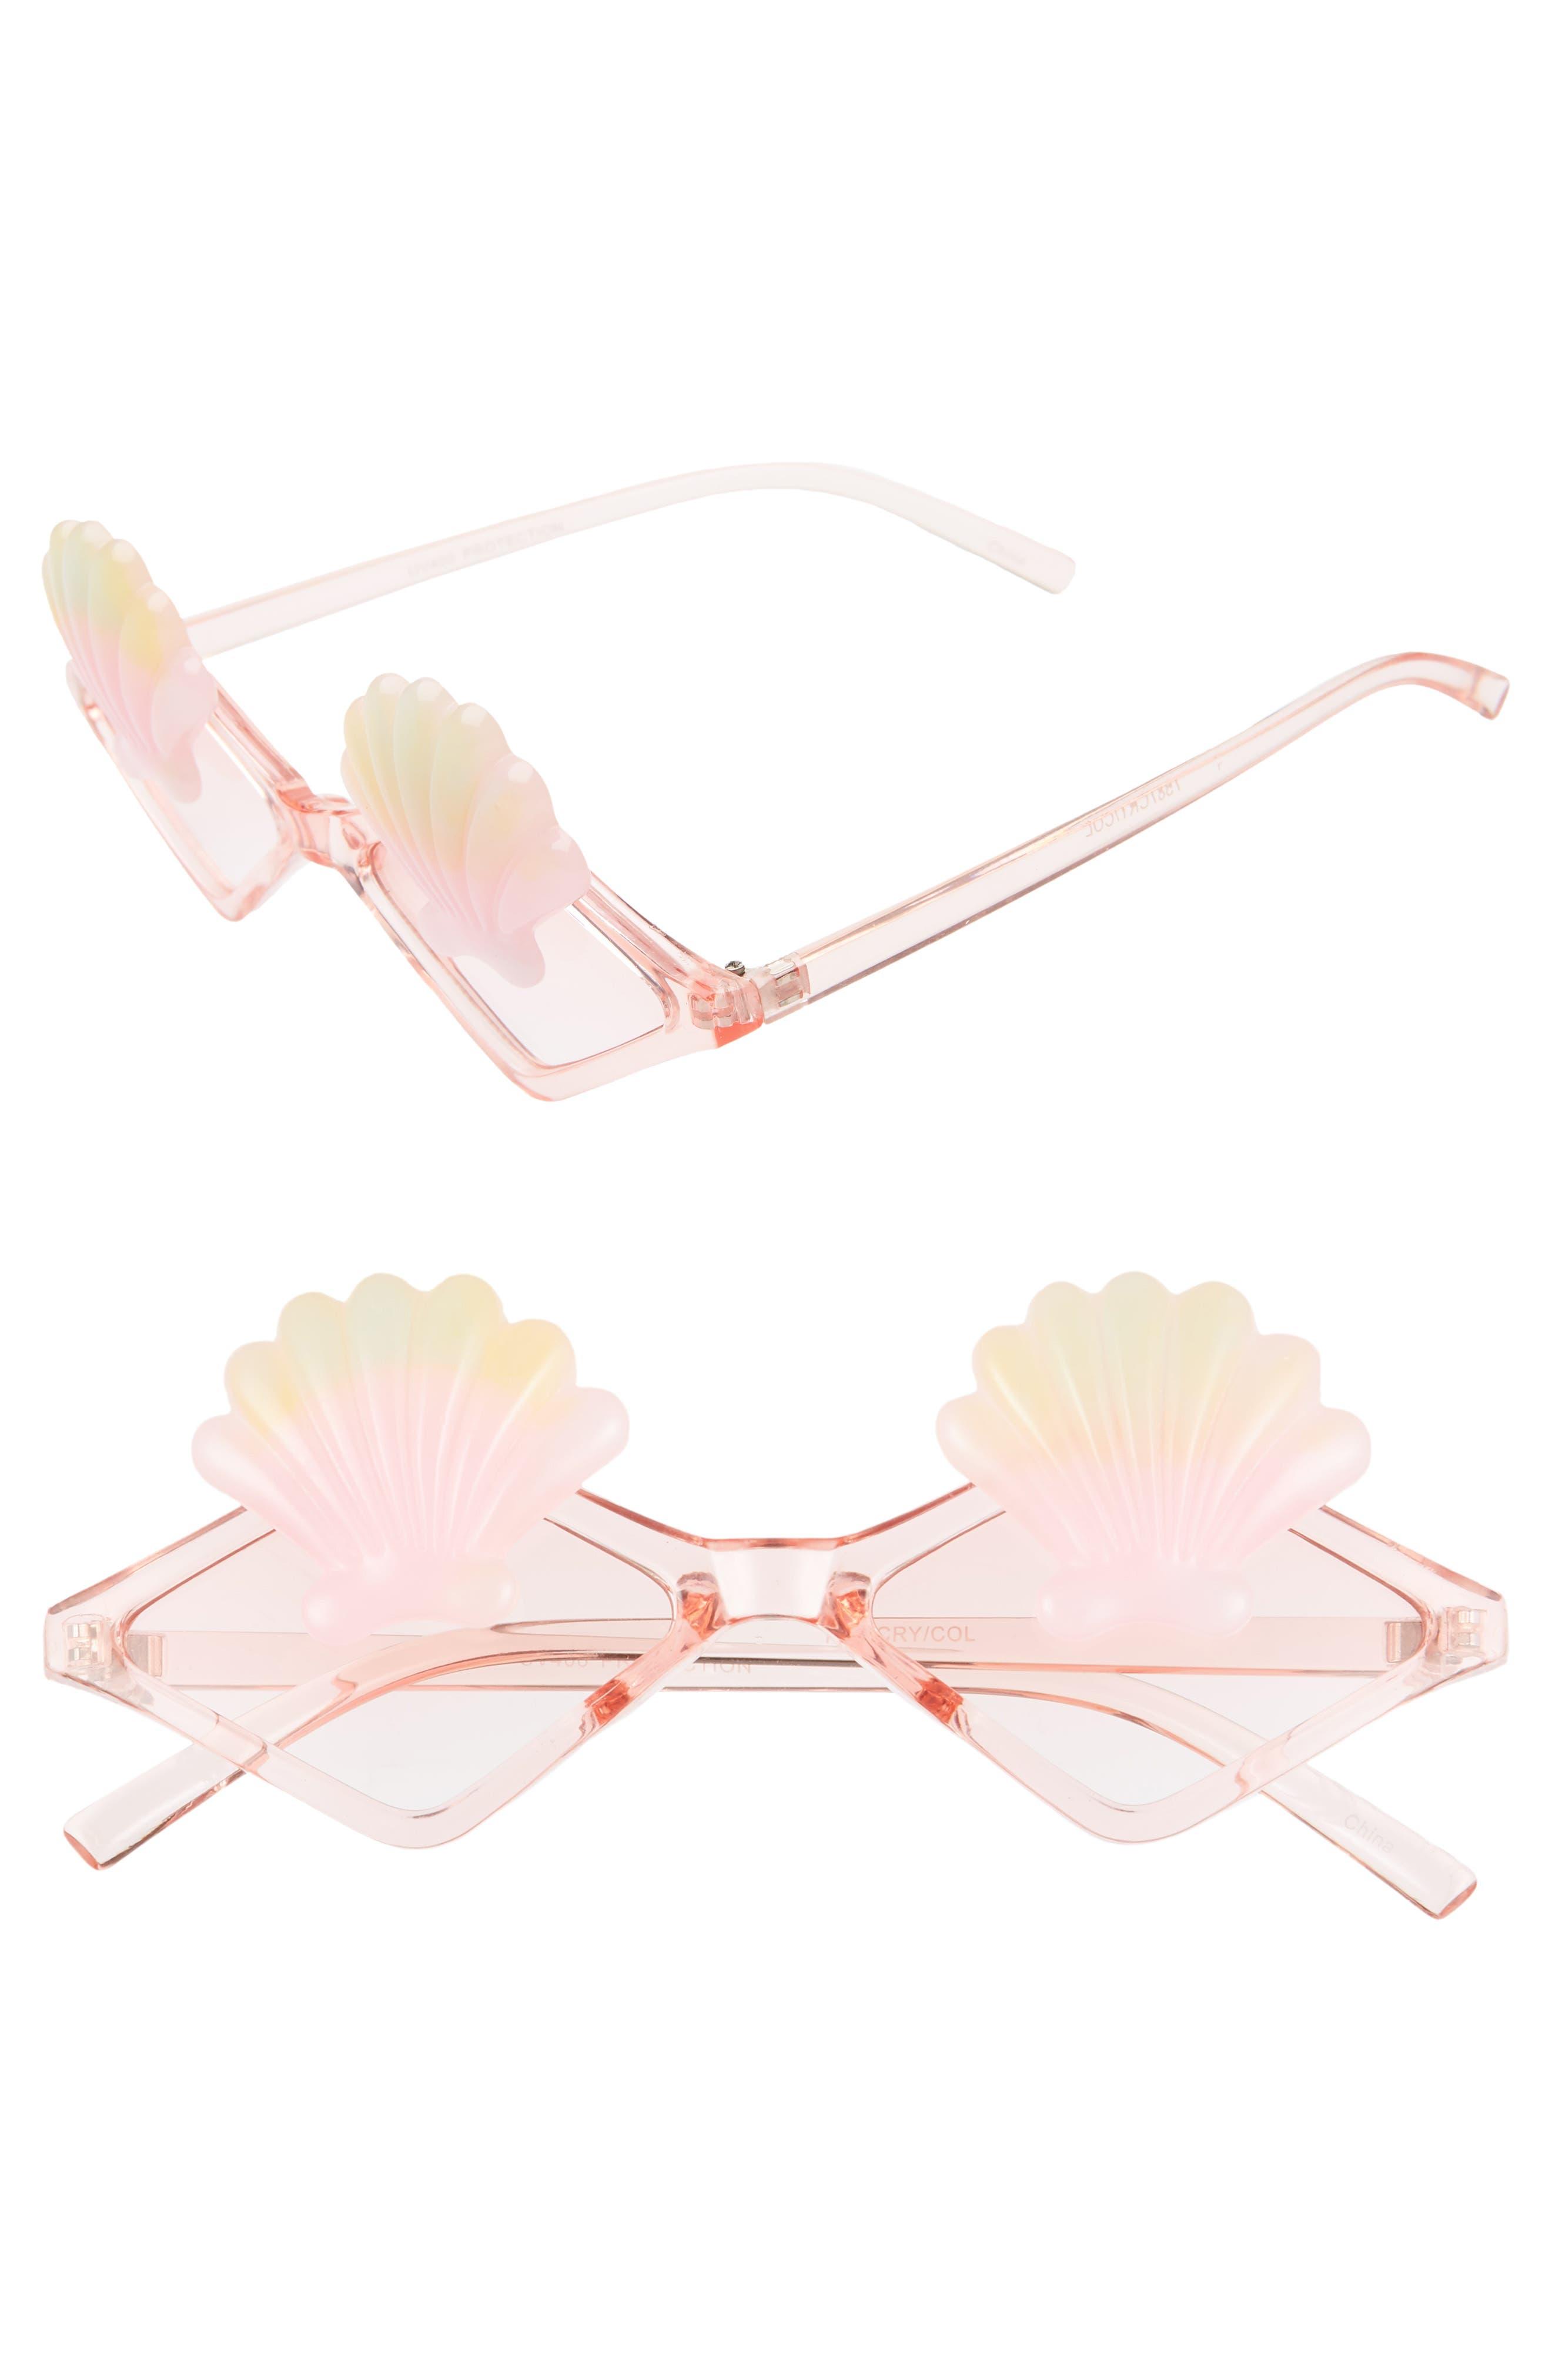 Rad + Refined Seashell Sunglasses - Pink/ Multi